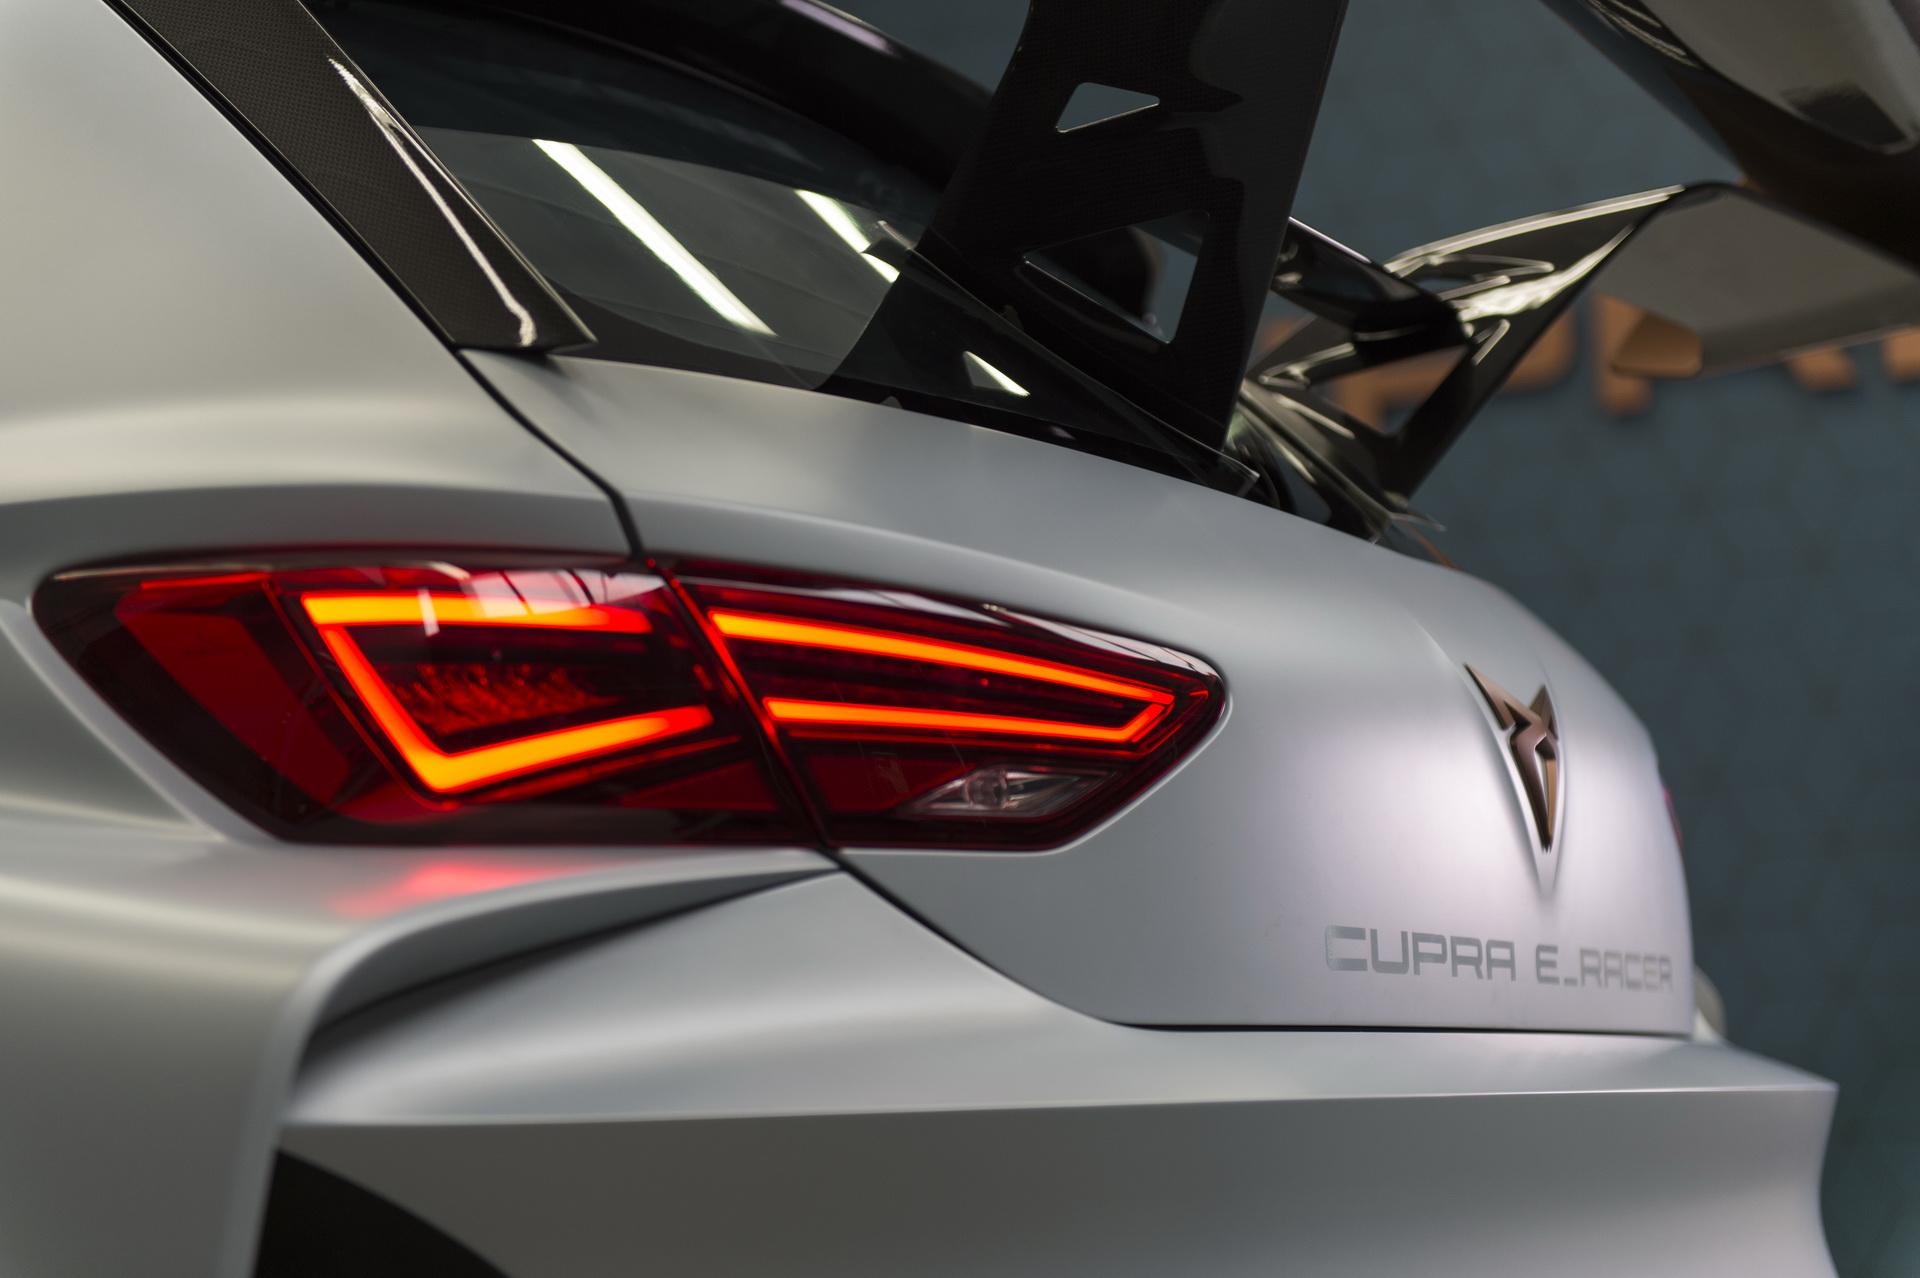 2018-cupra-e-racer-concept-8